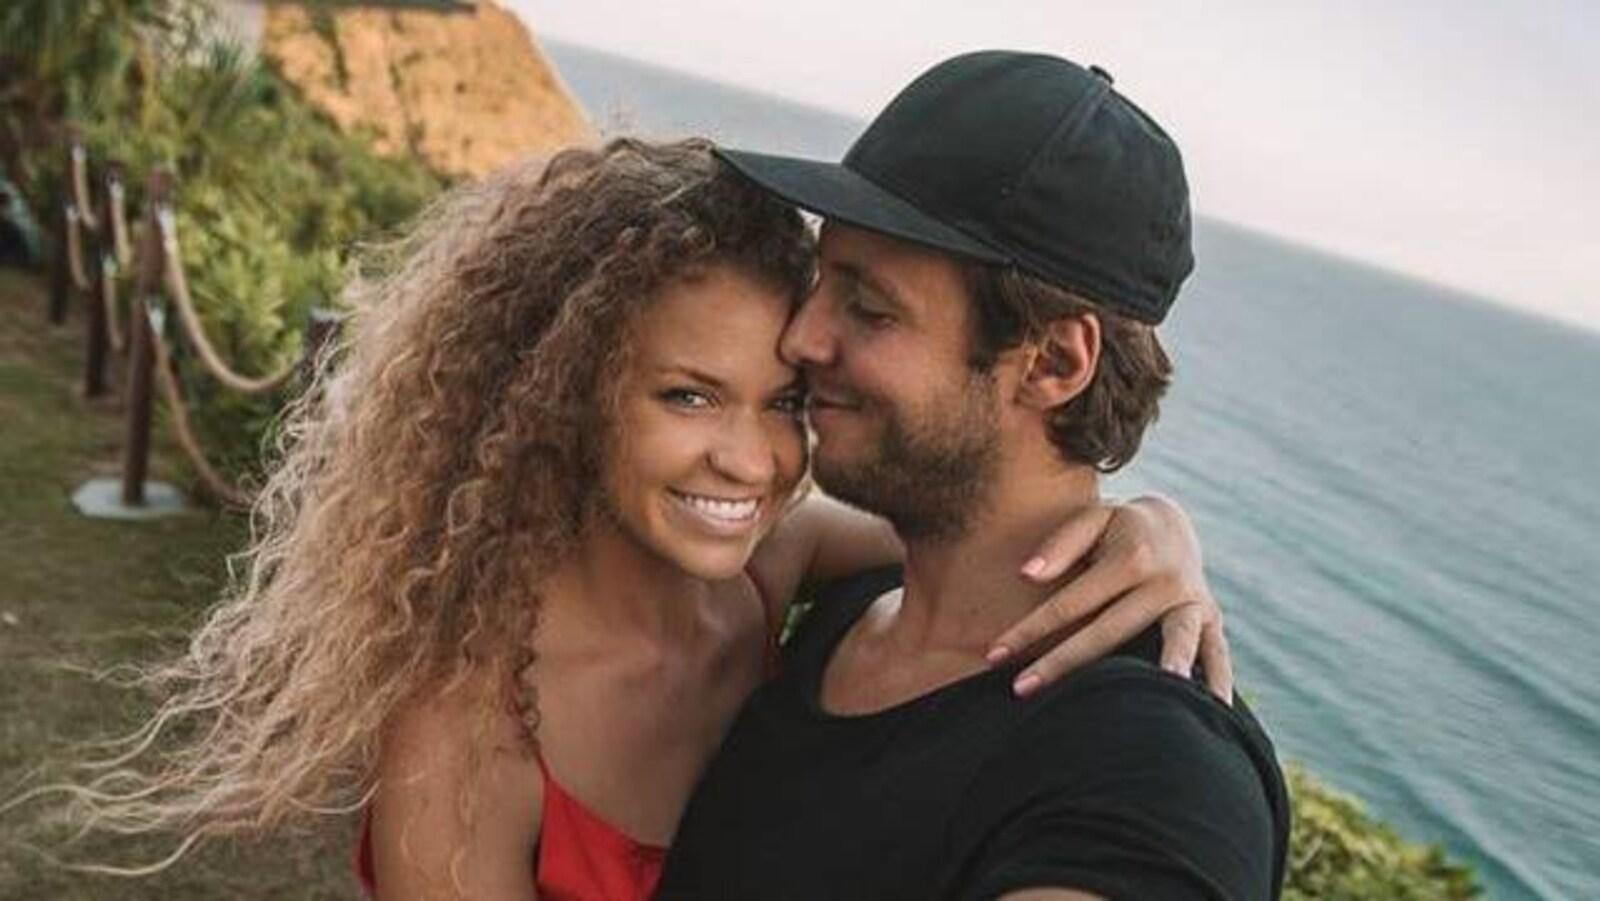 Une femme en robe rouge et un homme en t-shirt noir au bord de la mer.